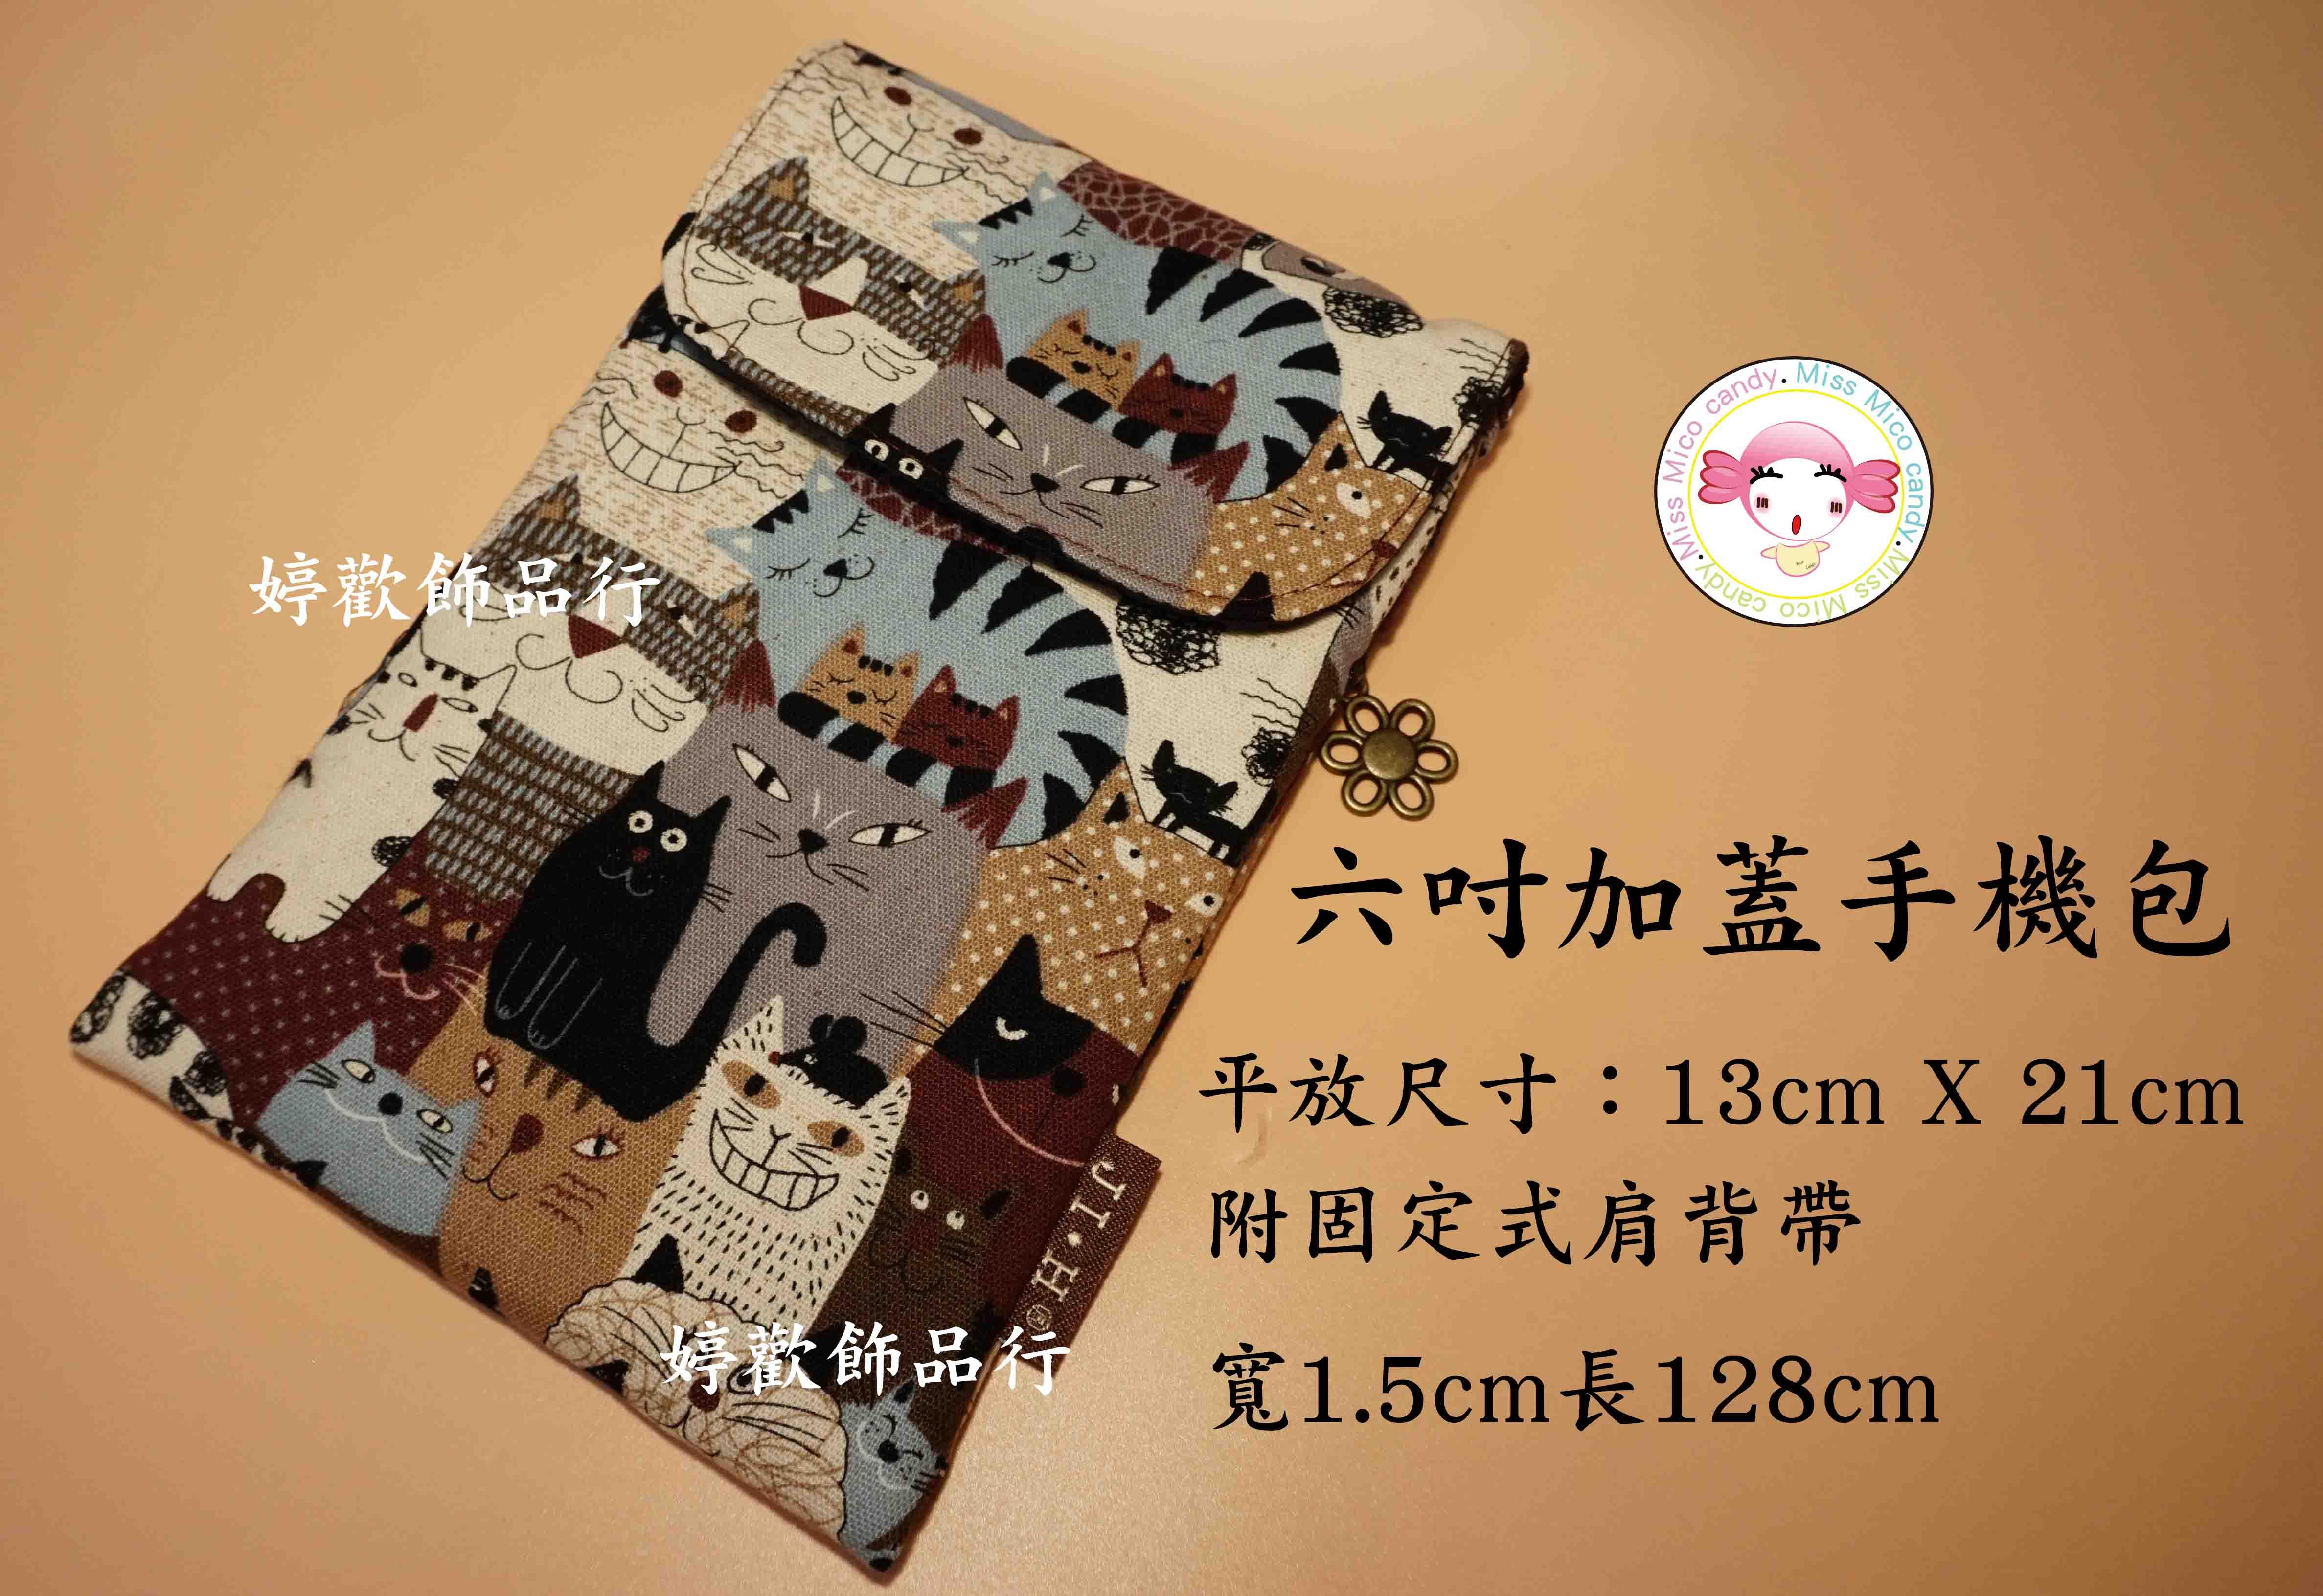 6吋加蓋側背手機袋相機包 『casio zr.phone . HTC . Samsung . 小米機.sony』/什錦貓